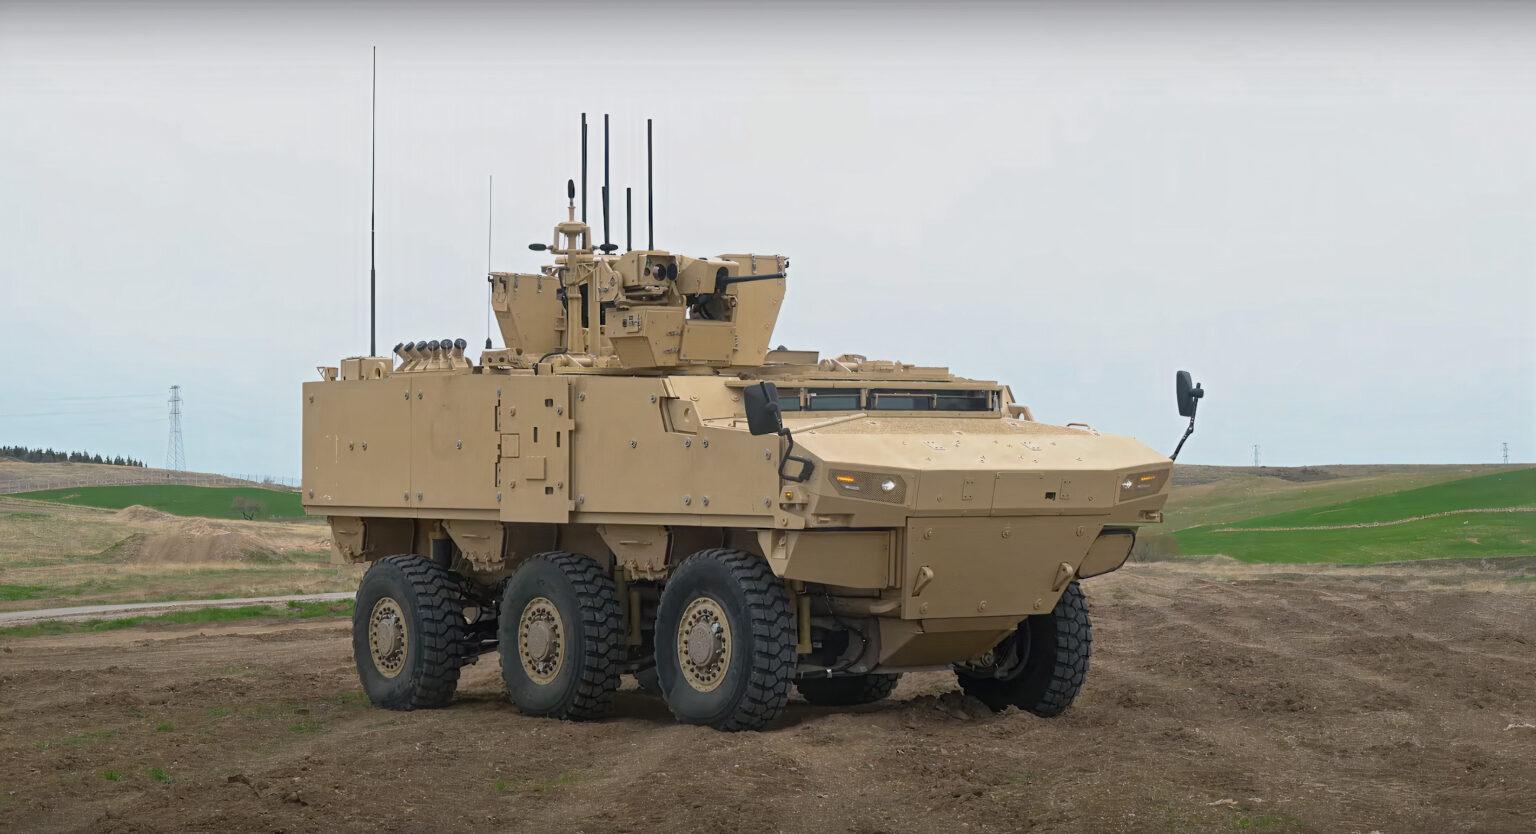 Τουρκία: Η Διοίκηση των Ειδικών Δυνάμεων παρέλαβε νέα οχήματα – Ποια τα χαρακτηριστικά τους [pics]